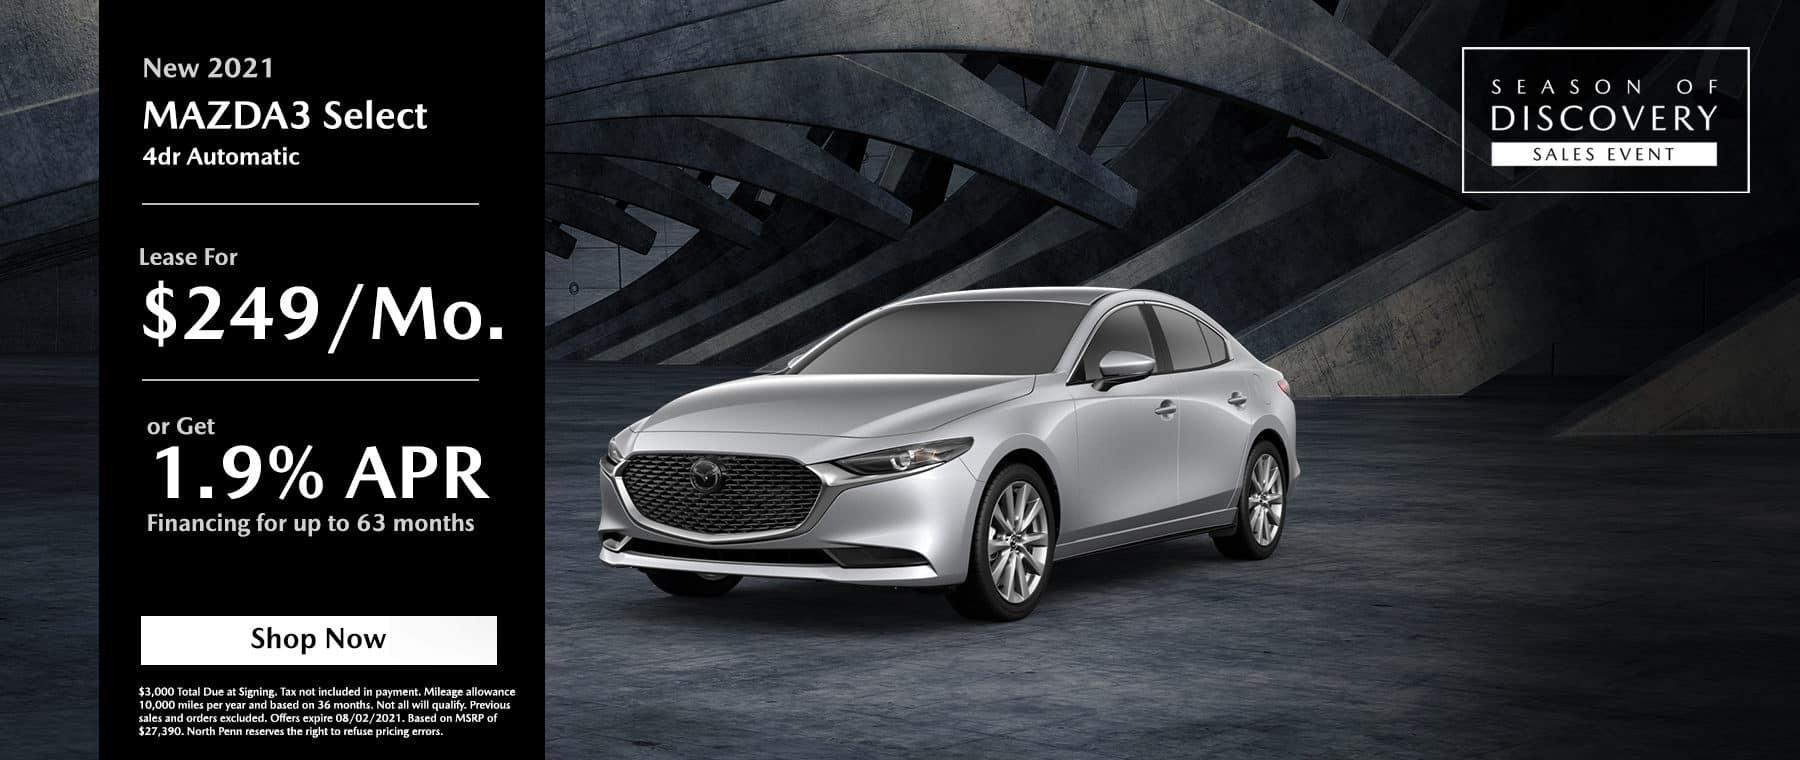 NPM-WEB-070721-Deals-Mazda3